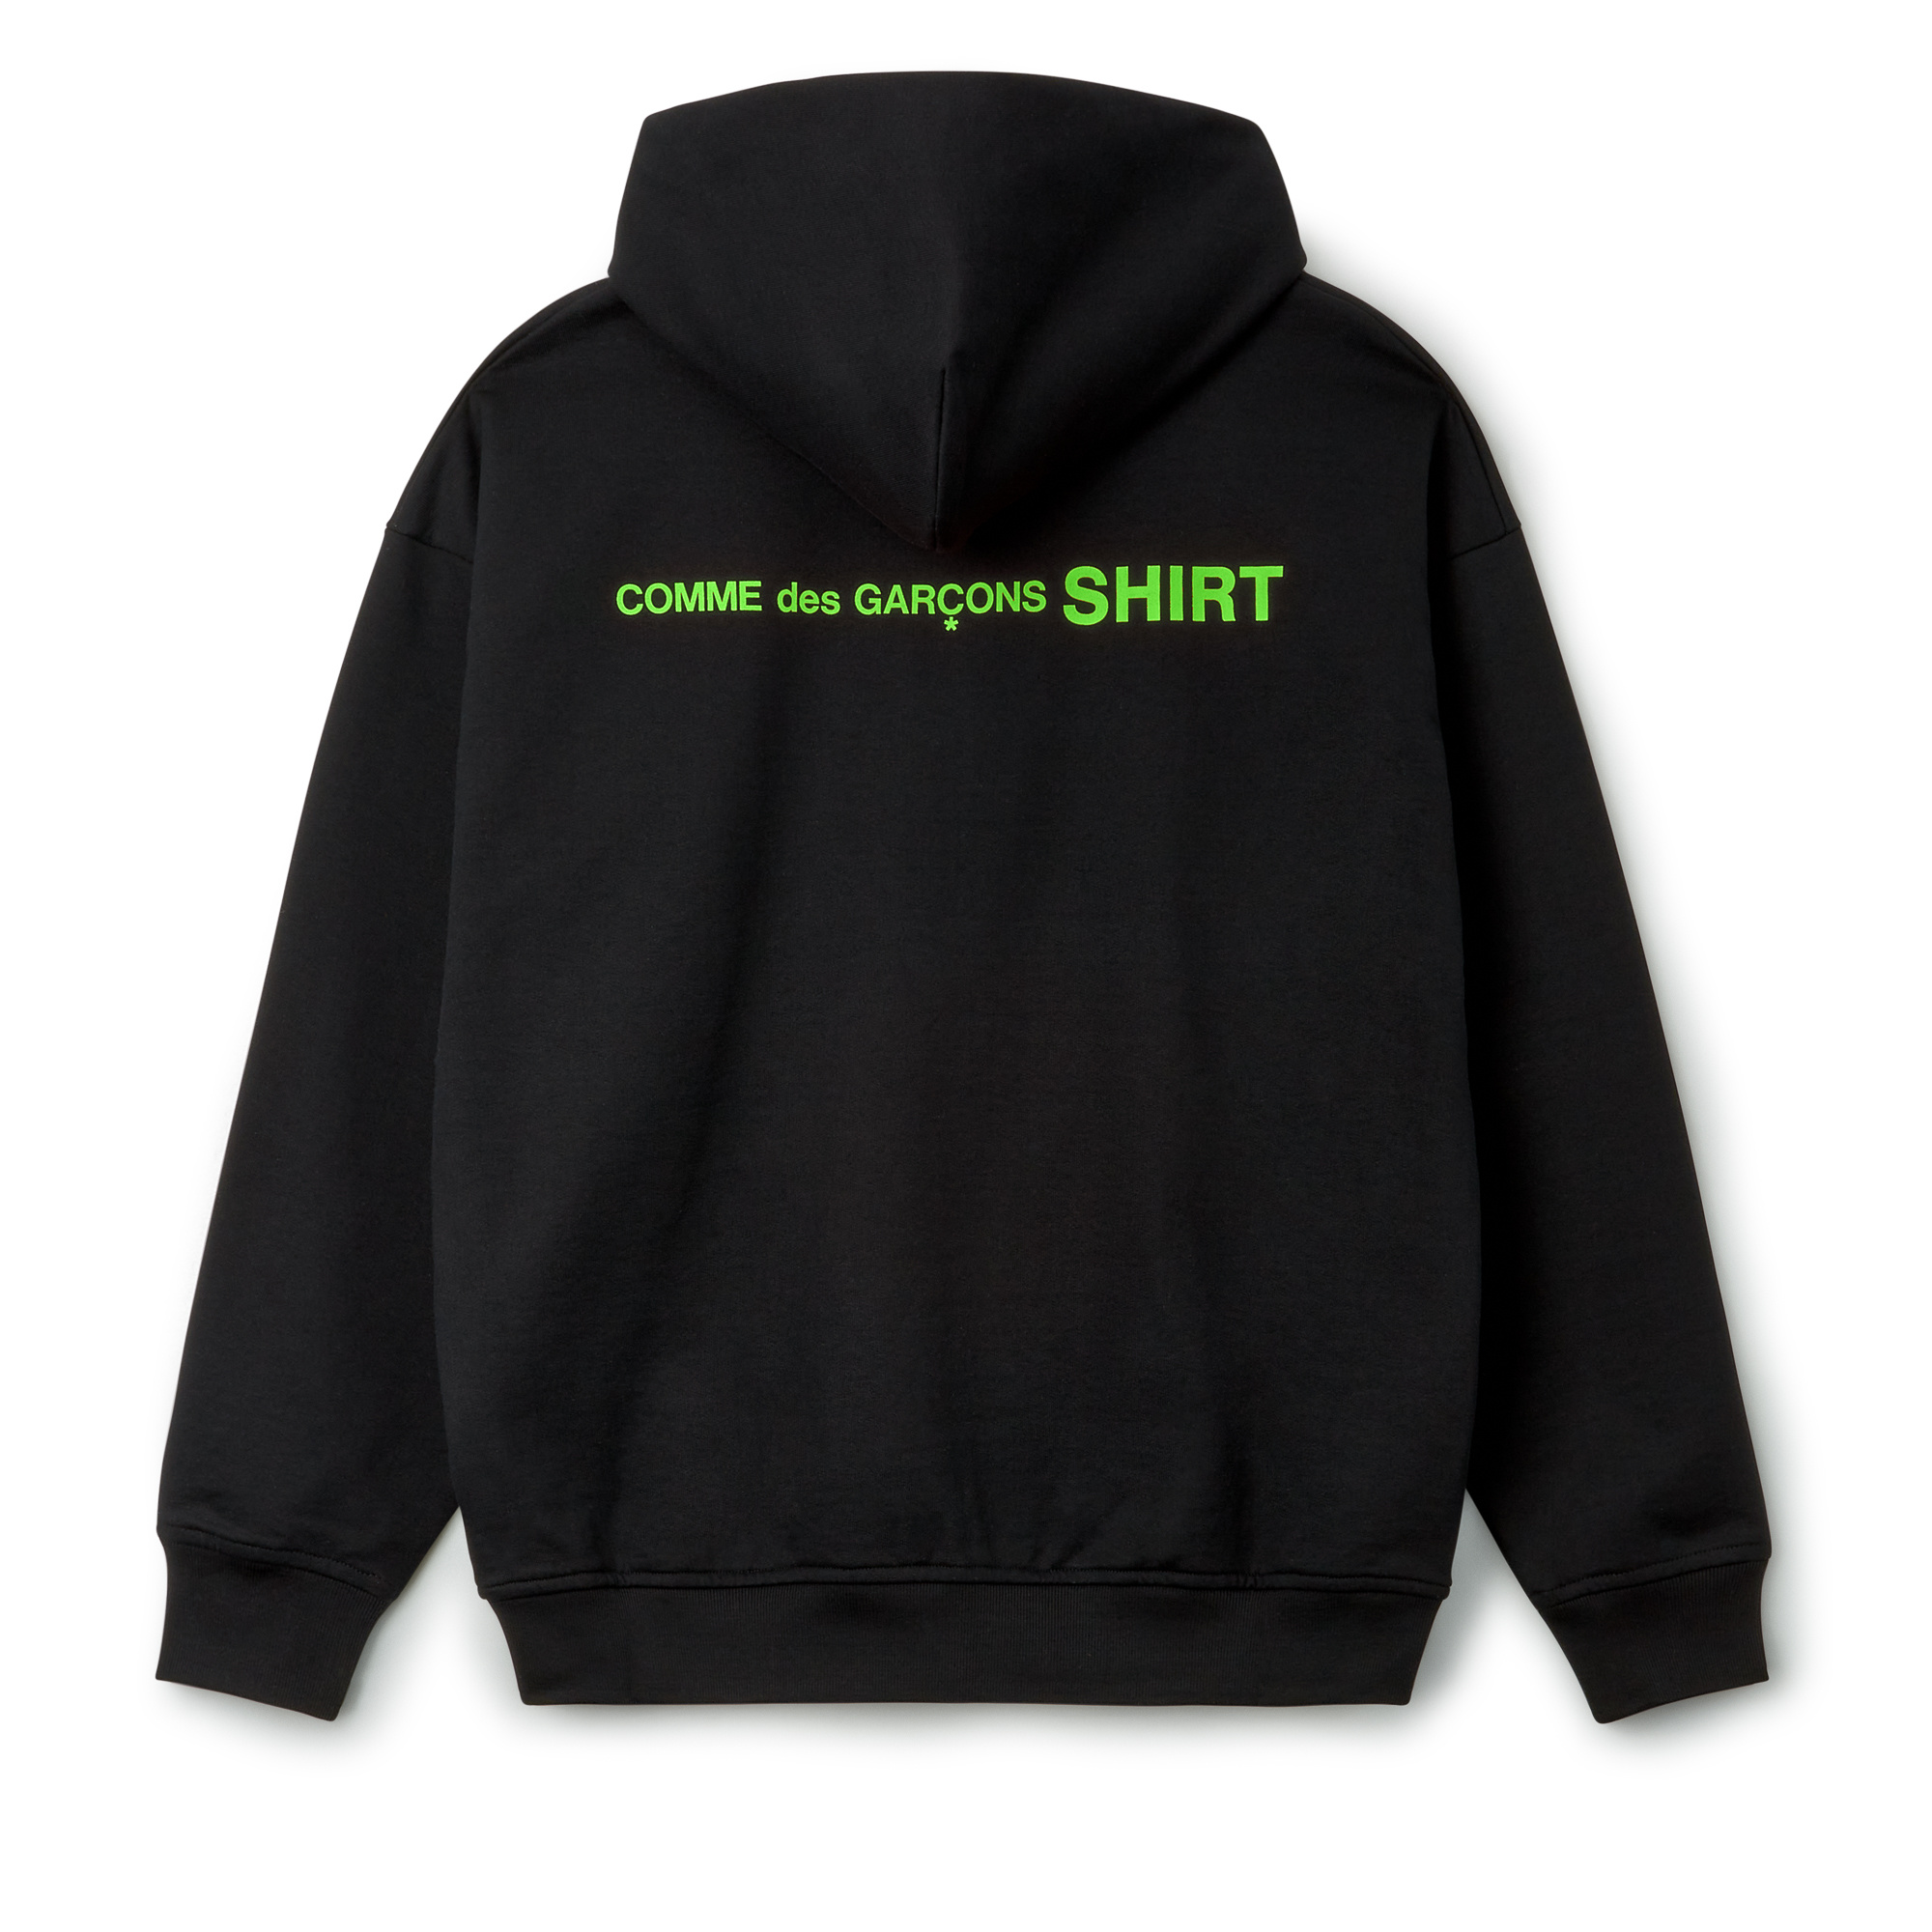 CDG SHIRT - shot 2